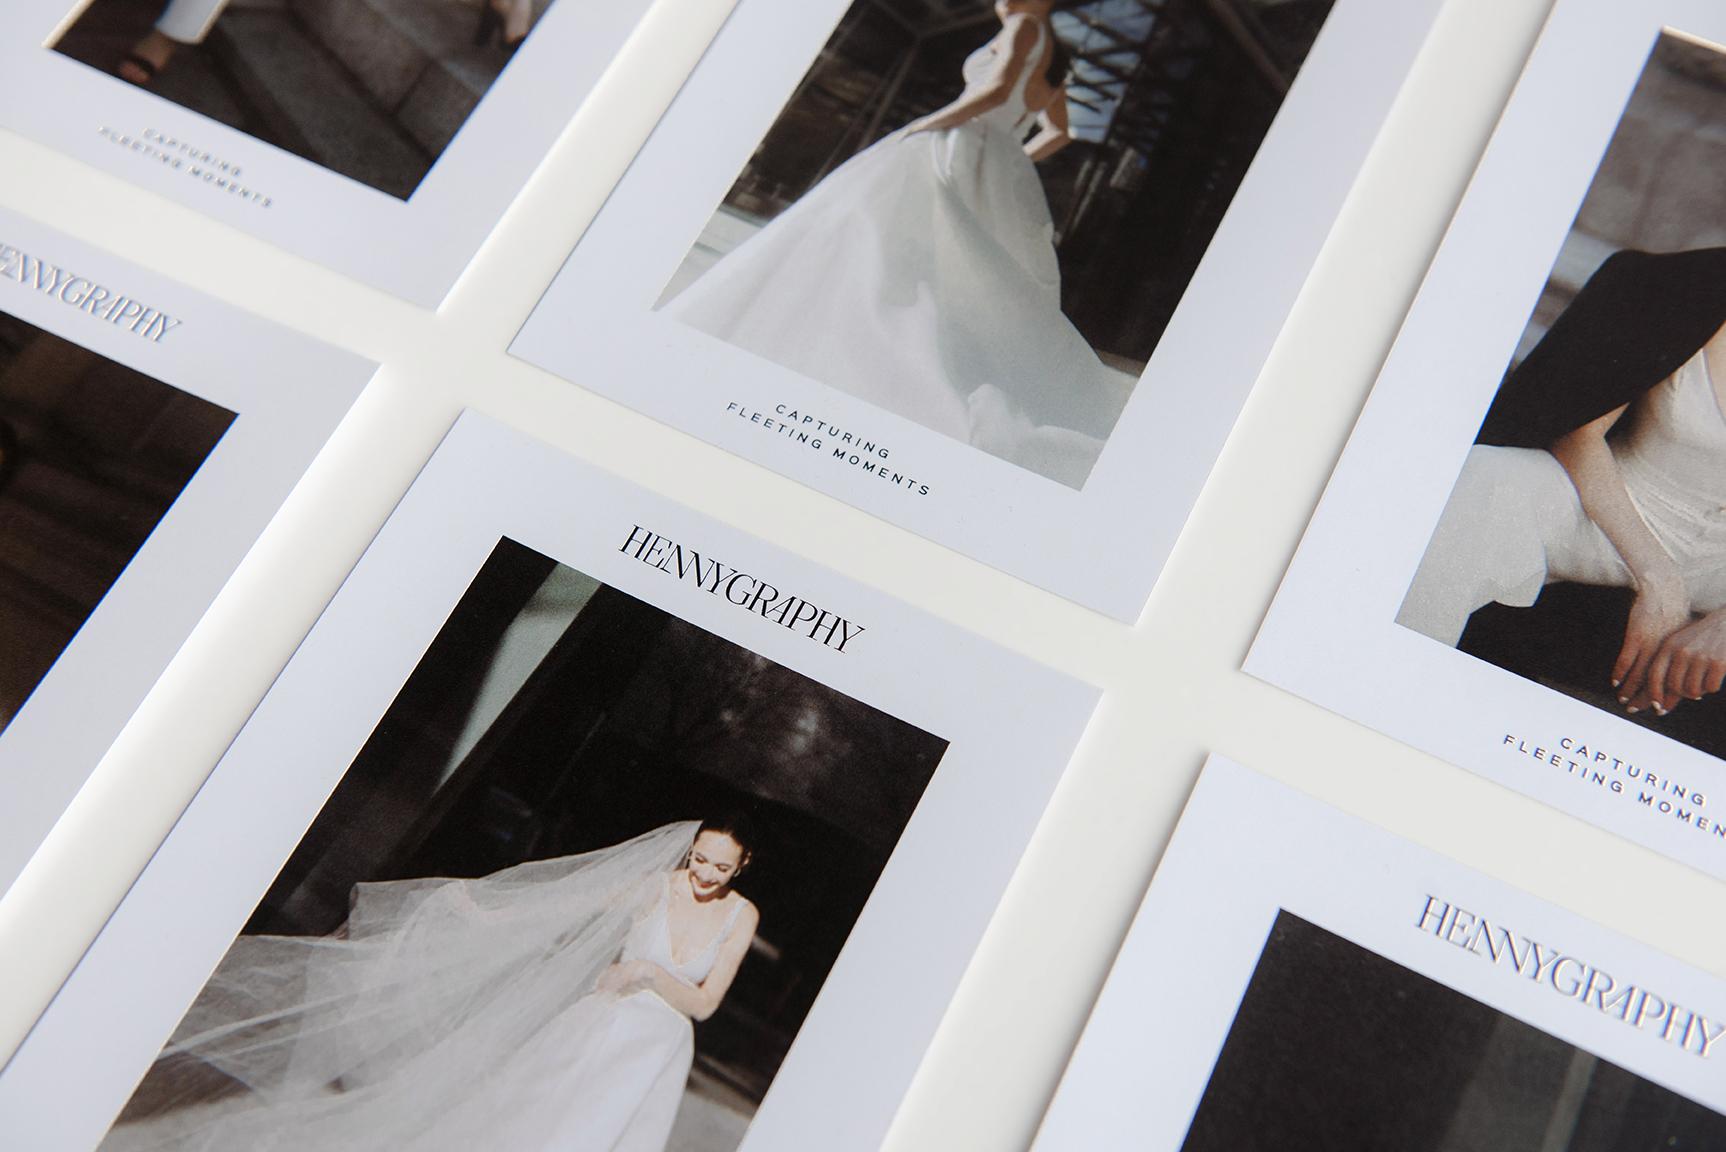 Hennygraphy branding and print design | www.alicia-carvalho.com